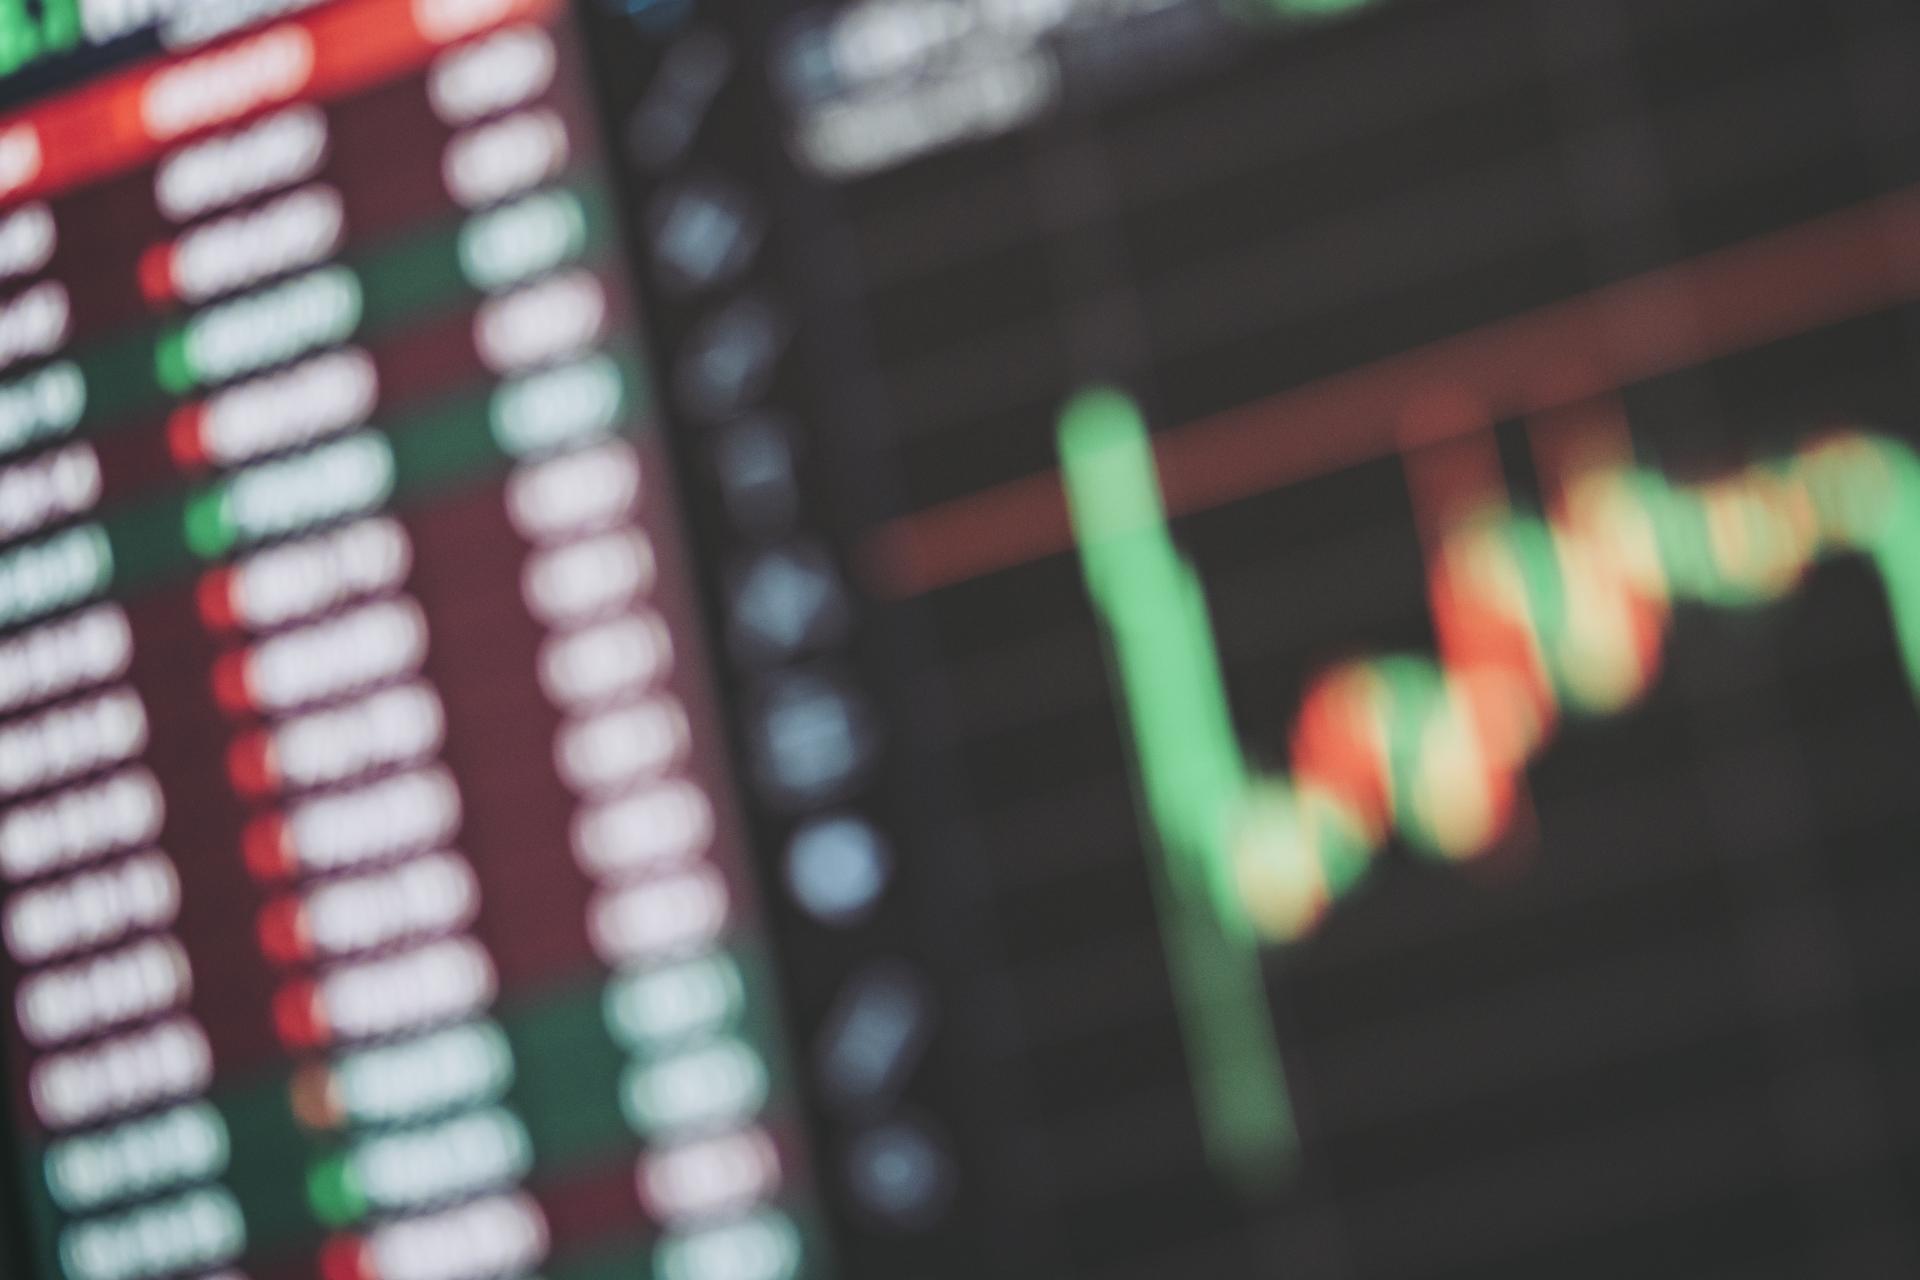 株価ボードがぼかして写っている。株式取引のイメージ。